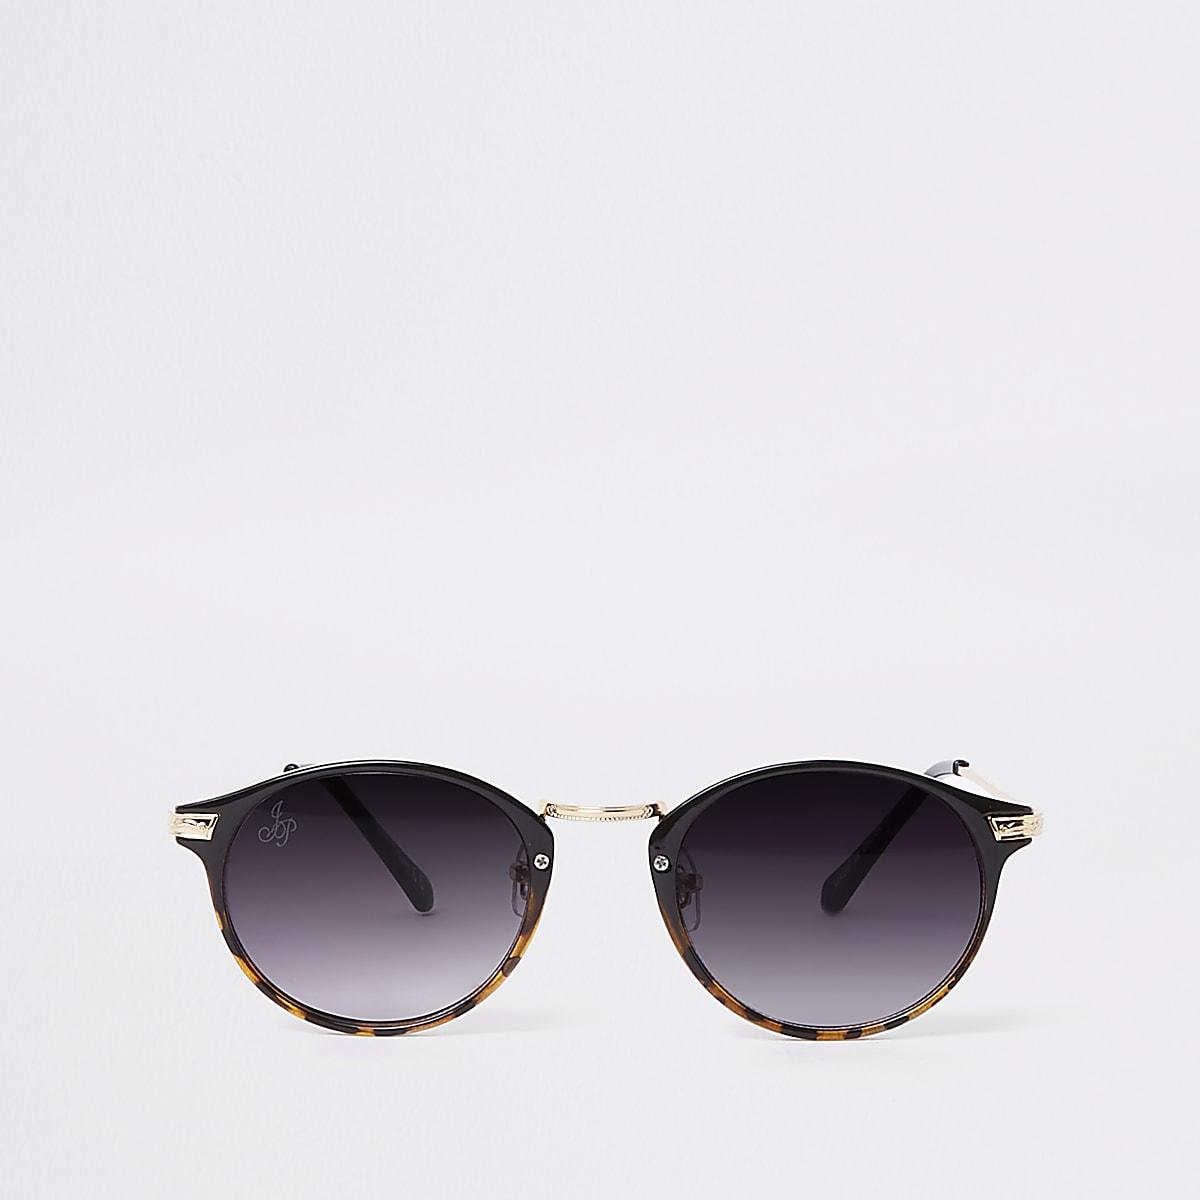 Jeepers Peepers tortoiseshell sunglasses